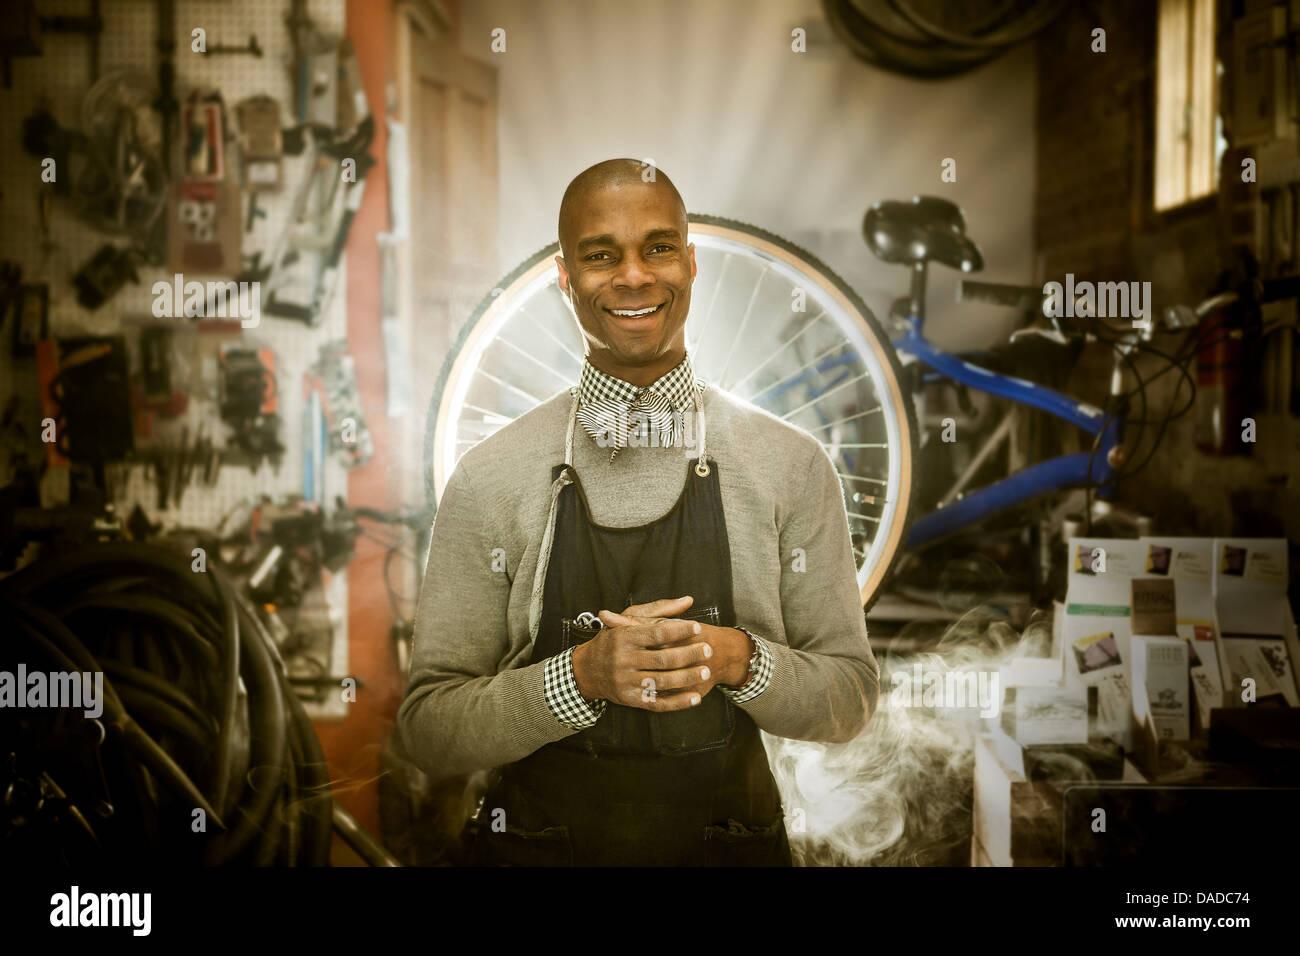 Mecánico de bicicletas contra el telón de fondo de los rayos de luz celestial Imagen De Stock